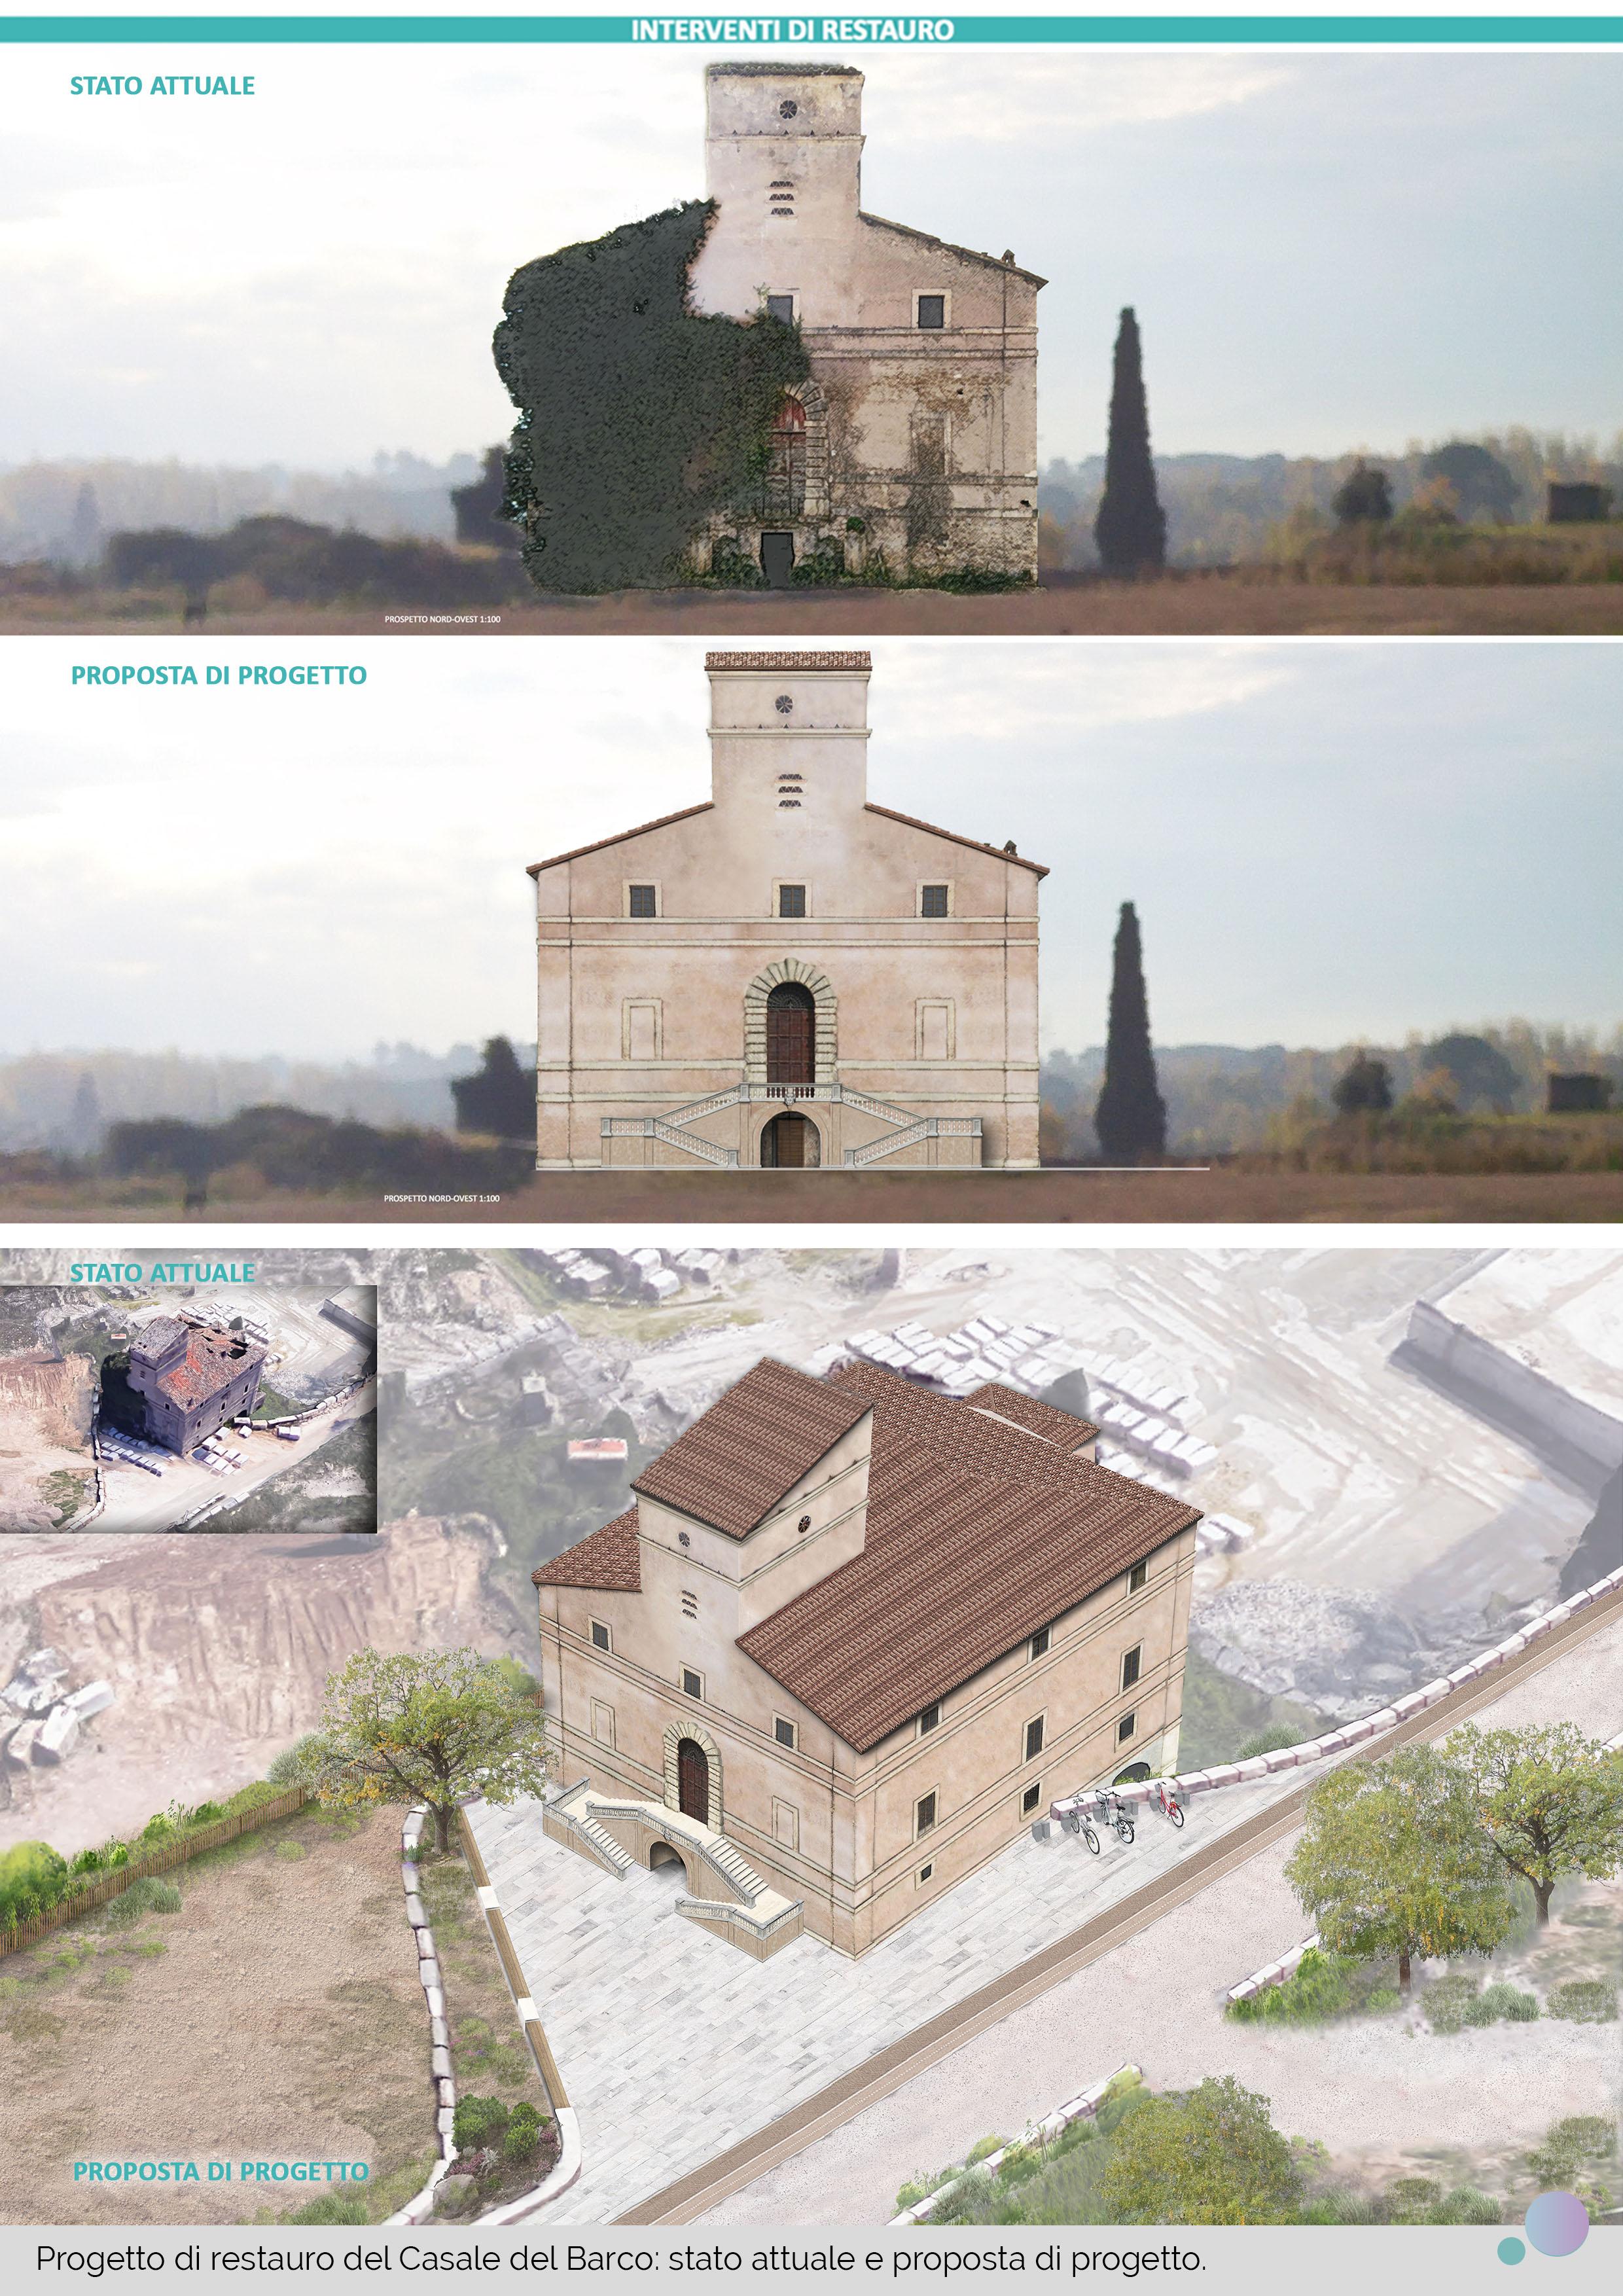 Tesi restauro Casale del Barco- Tivoli